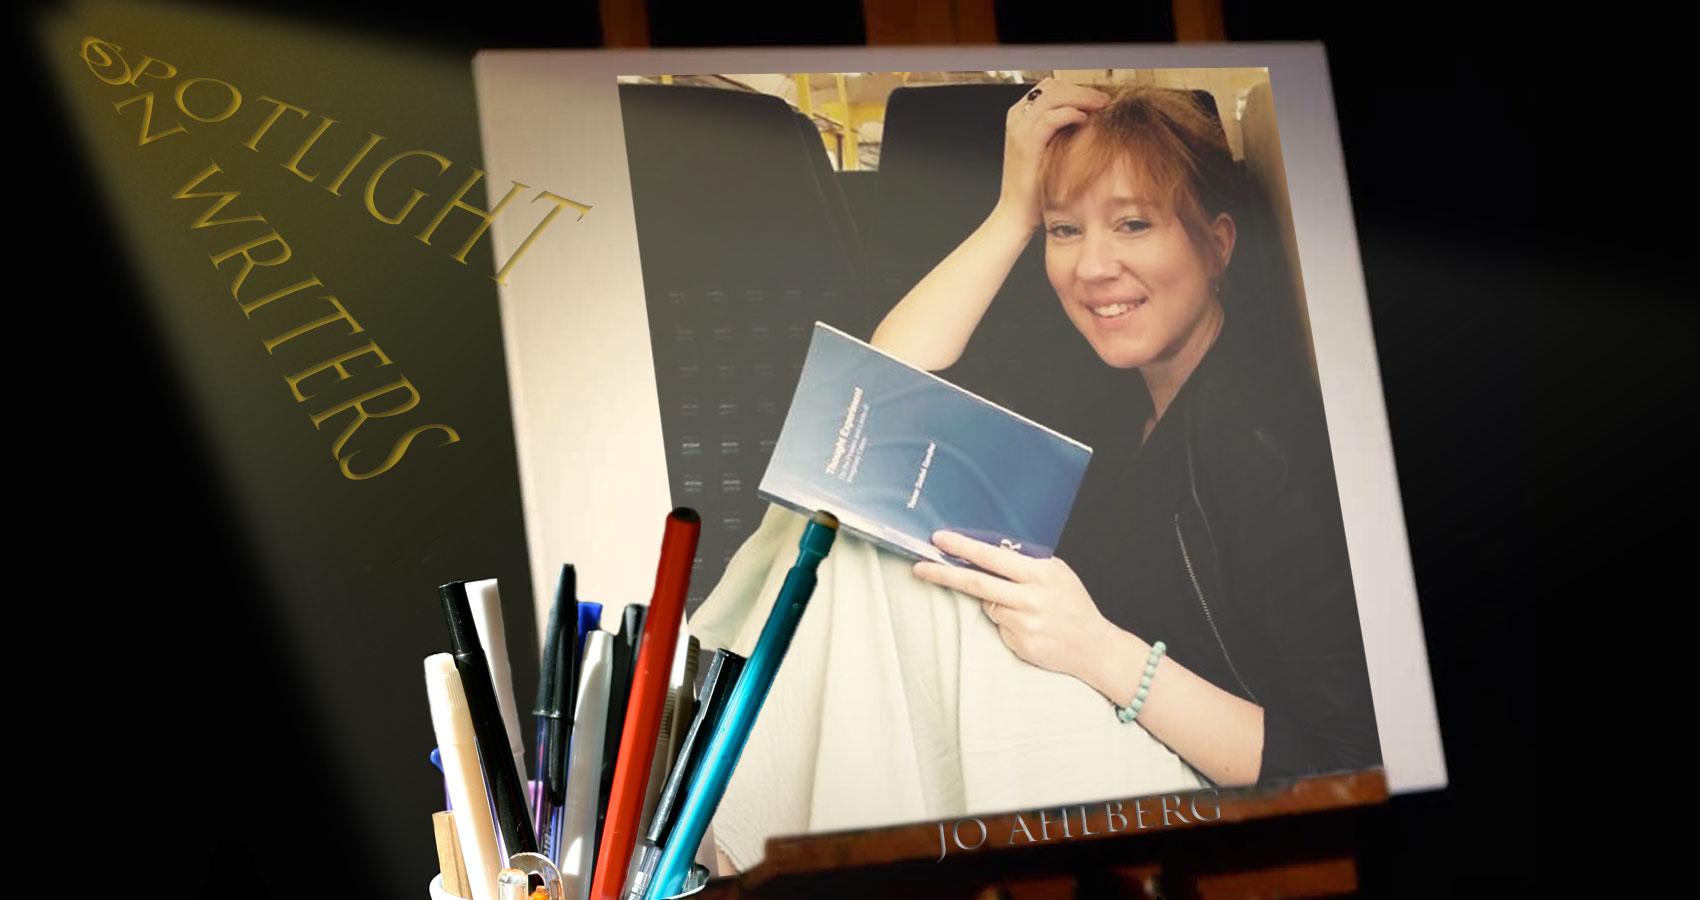 Spotlight On Writers - Jo Ahlberg at Spillwords.com